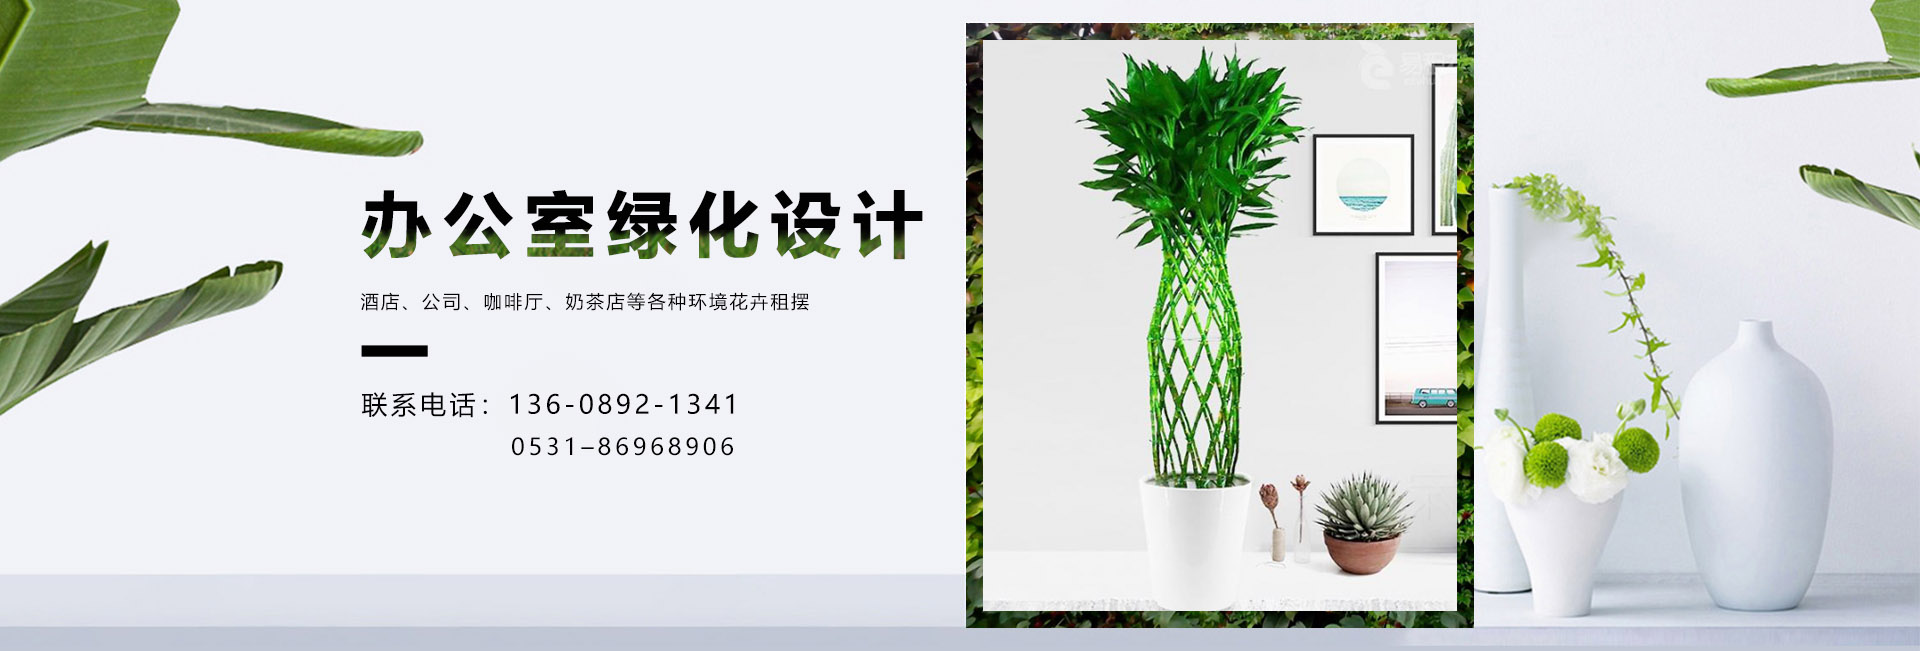 济南绿植租赁